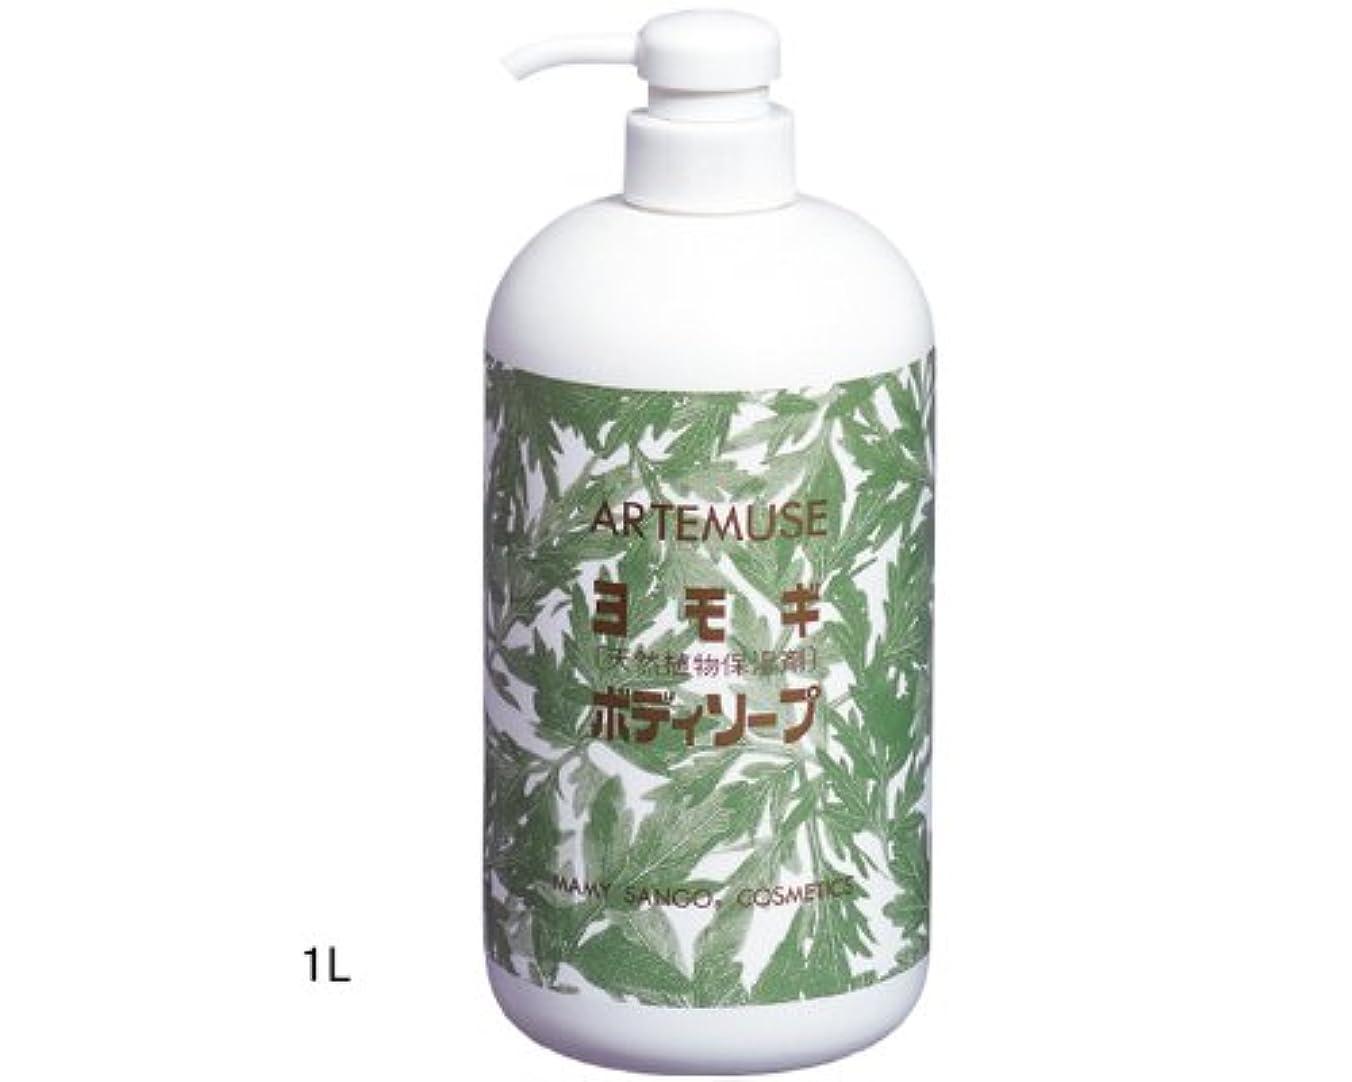 値下げ修羅場ブラウスよもぎボディソープA(高級脂肪酸全身液体石鹸)/ 1000ml